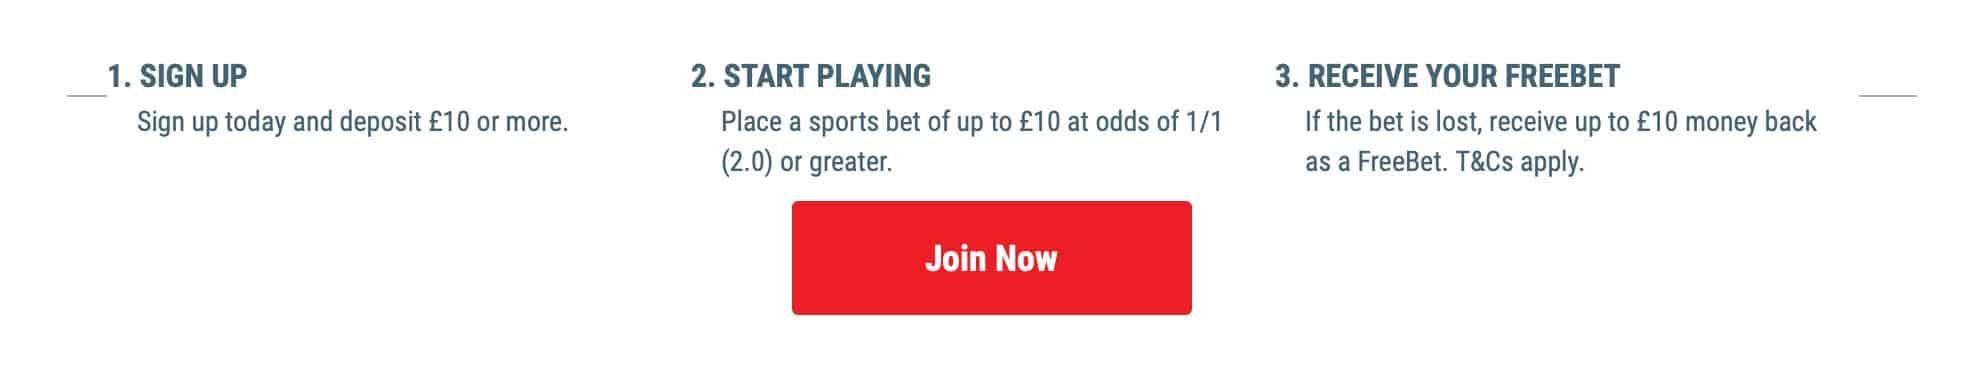 £10 Backup Bet Welcome Offer steps